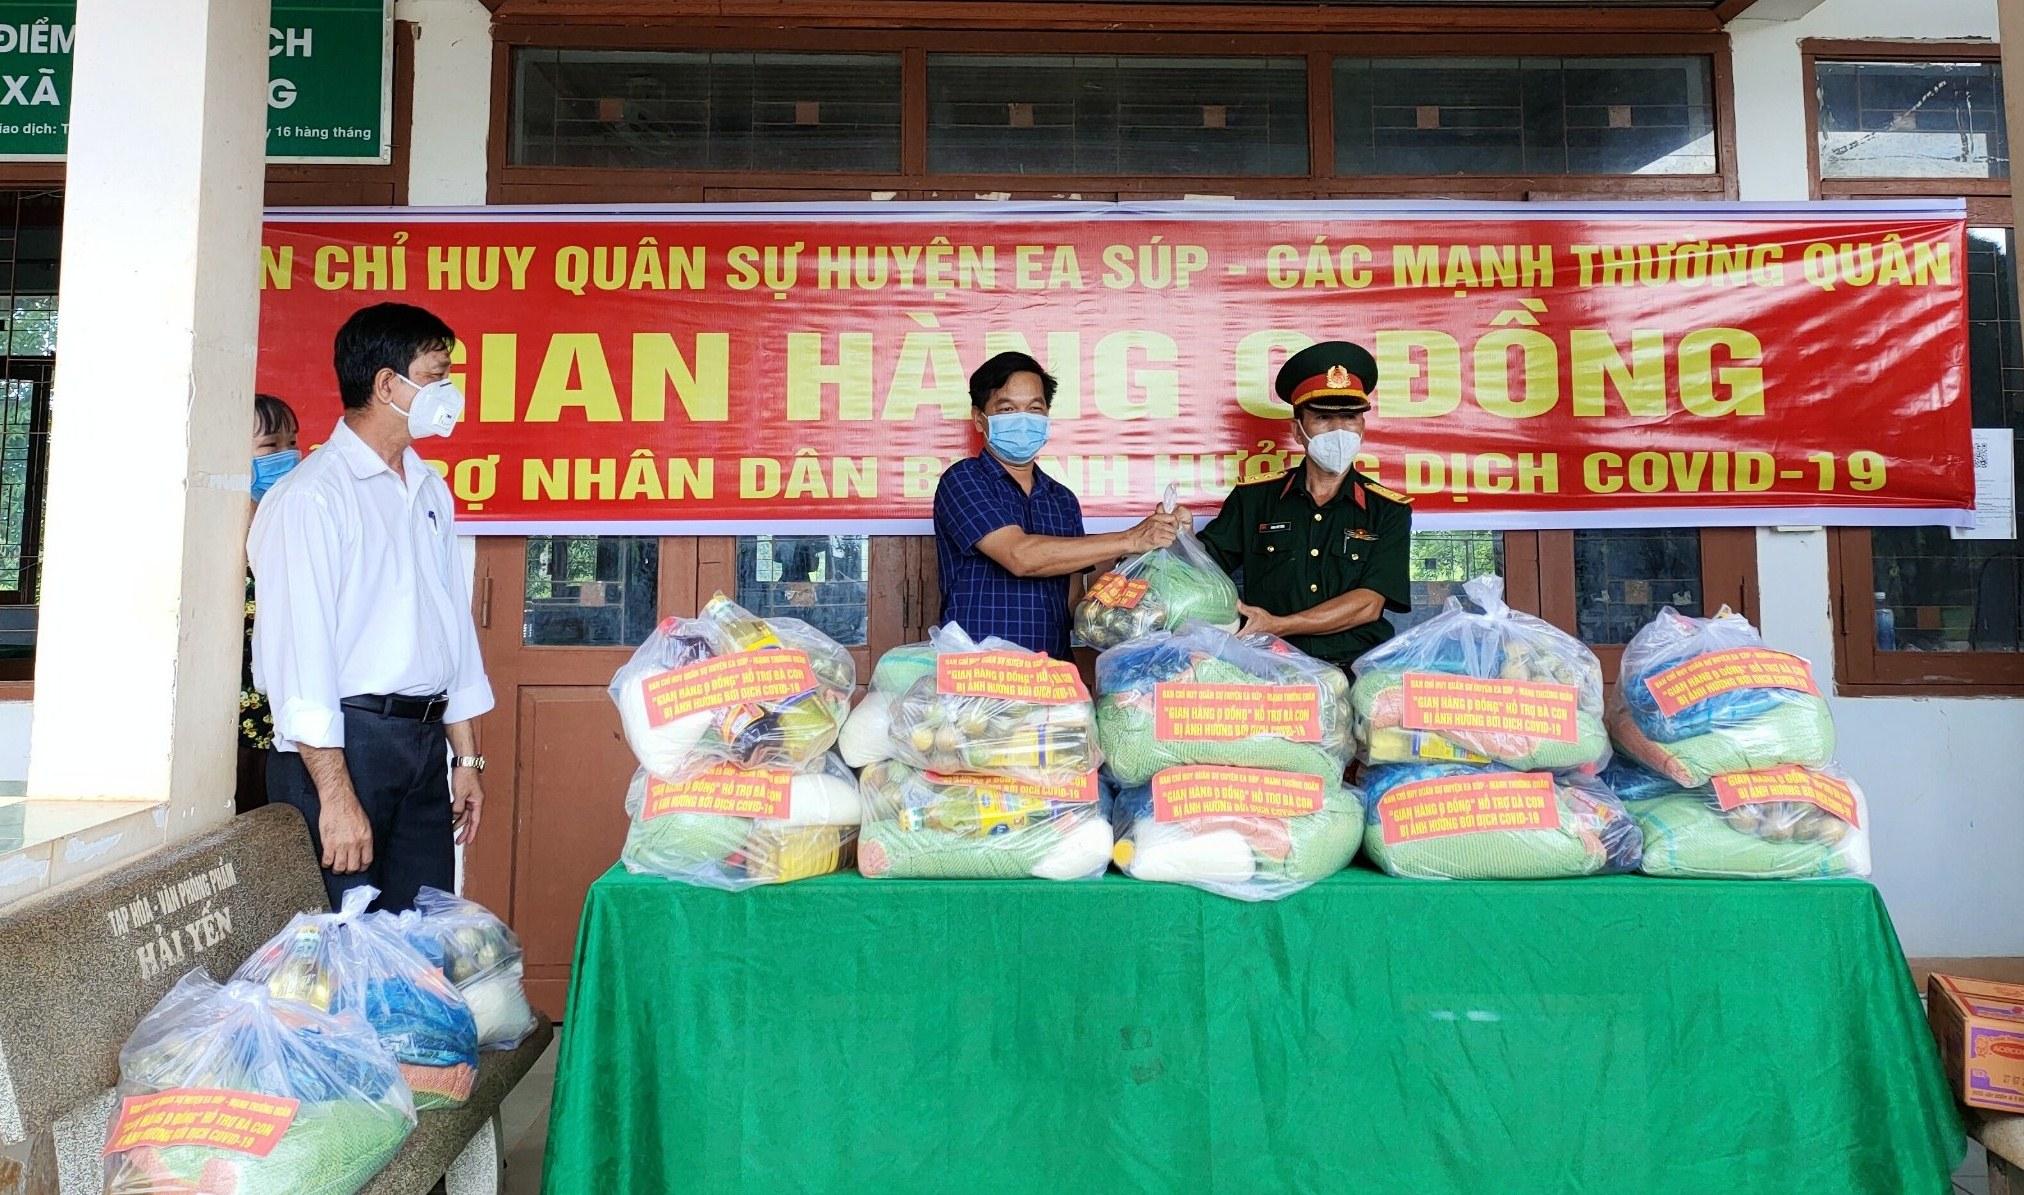 Tặng 40 suất quà cho người dân xã Cư Kbang, huyện Ea Súp